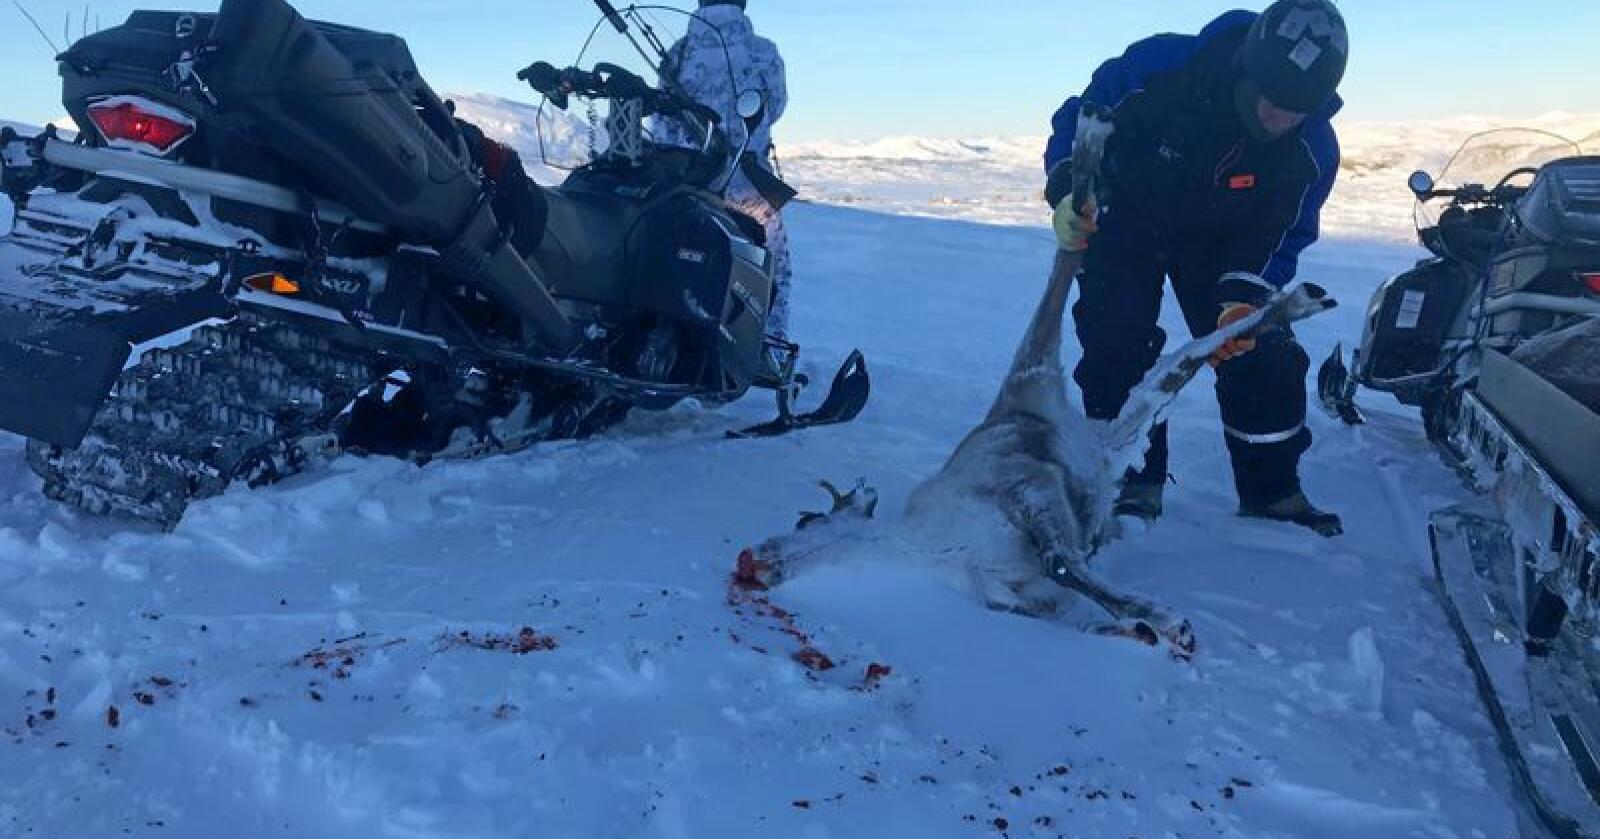 Bakgrunnen for den storstilte jakten i Nordfjella var utbruddet av skrantesyke (CWD). Ved å ta ut hele stammen håpet man å fjerne den dødelige dyresykdommen fra norsk jord. Foto: Sondre Dalaker / NRK / NTB scanpix